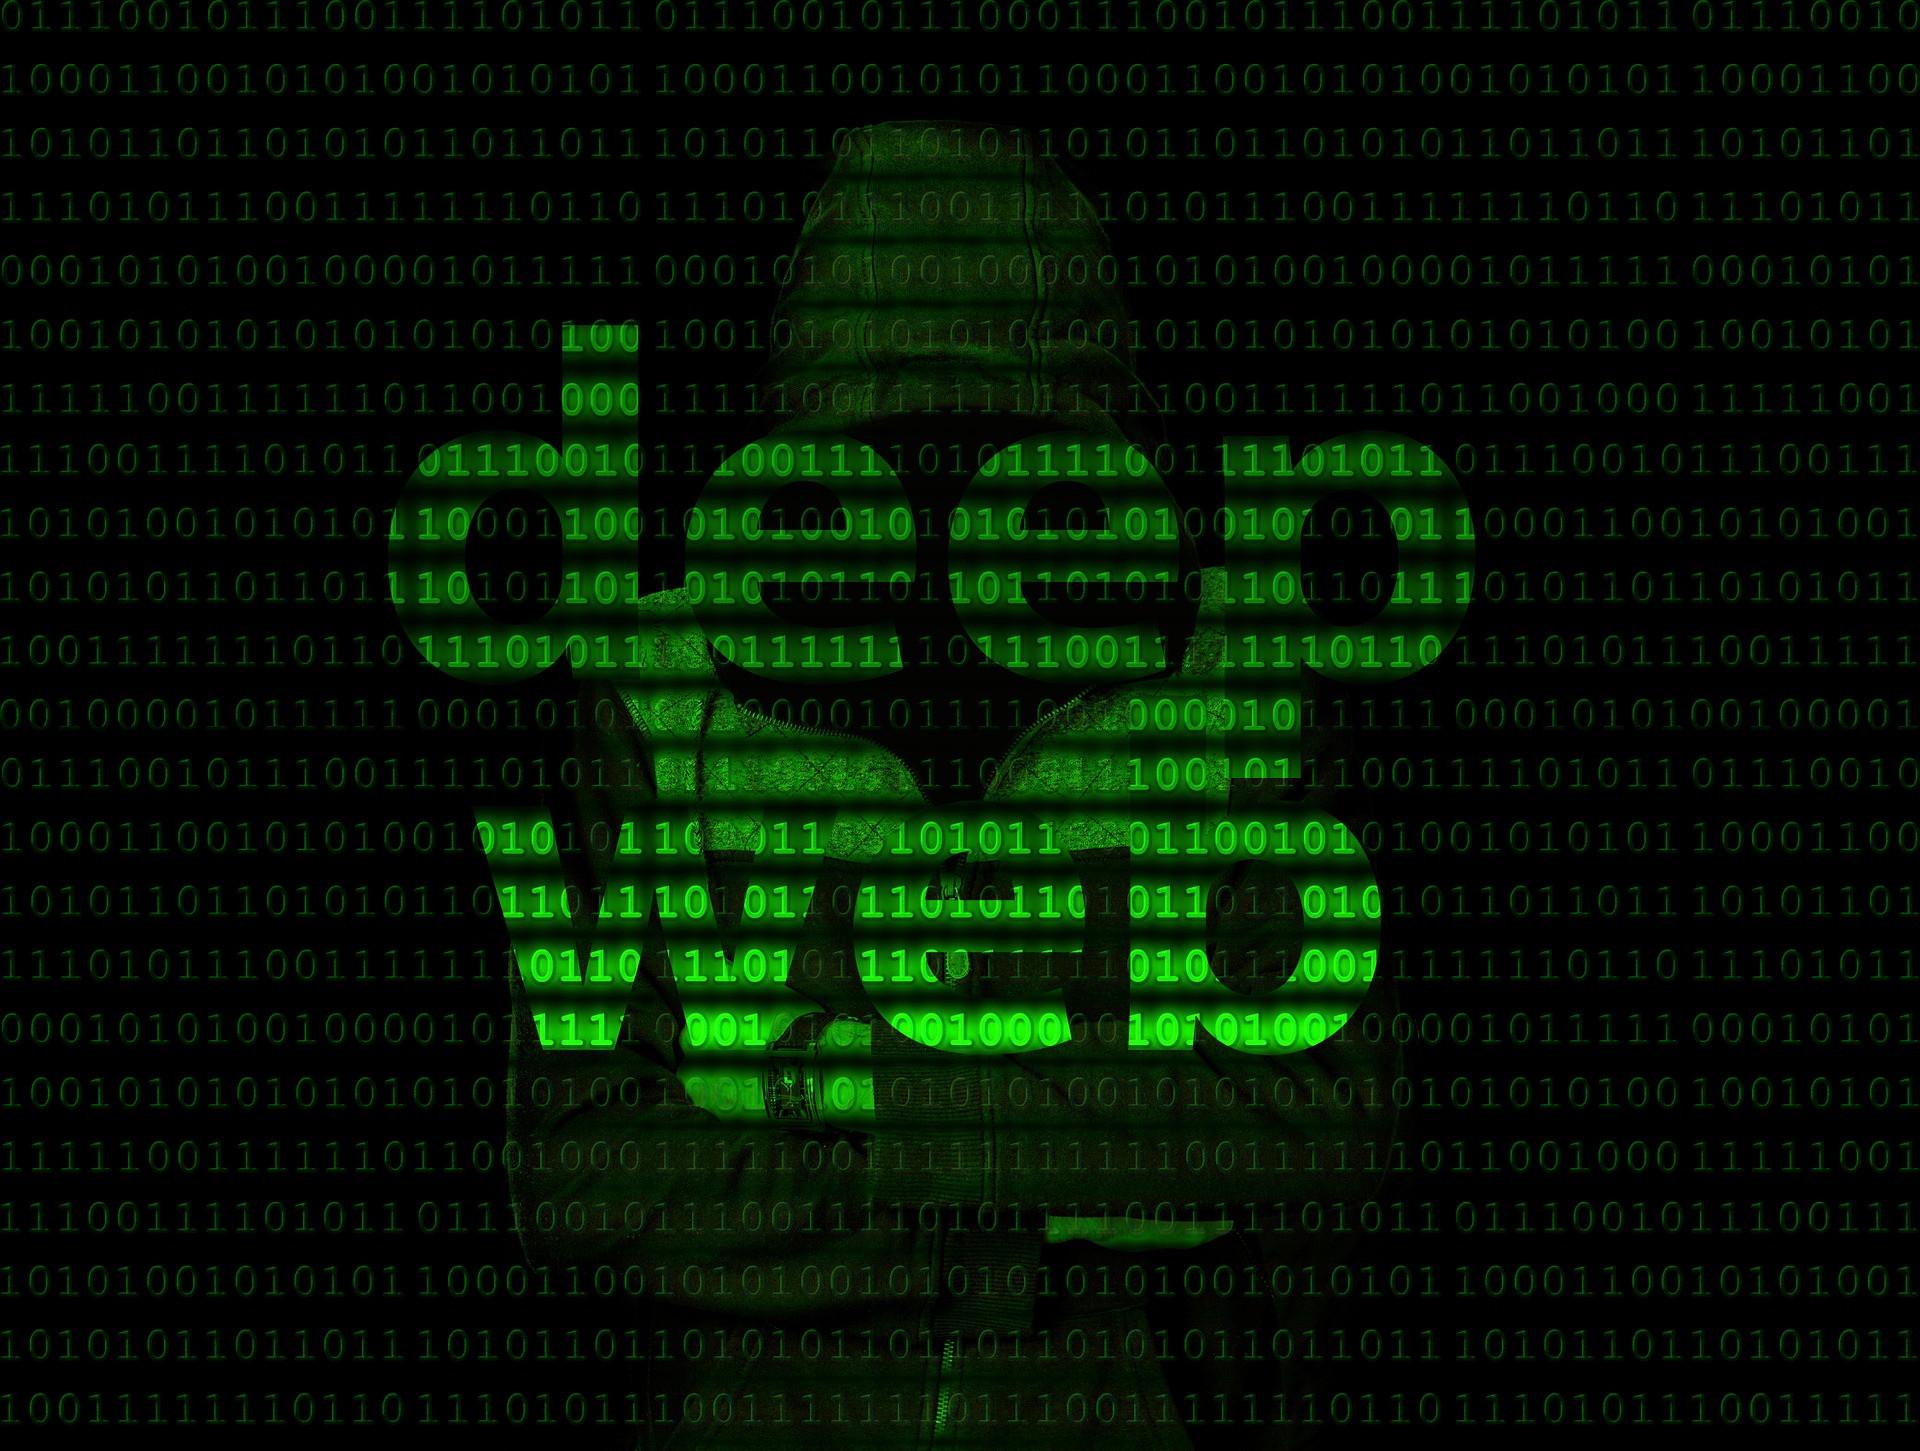 Fóruns na web incitam morte e desafiam polícia